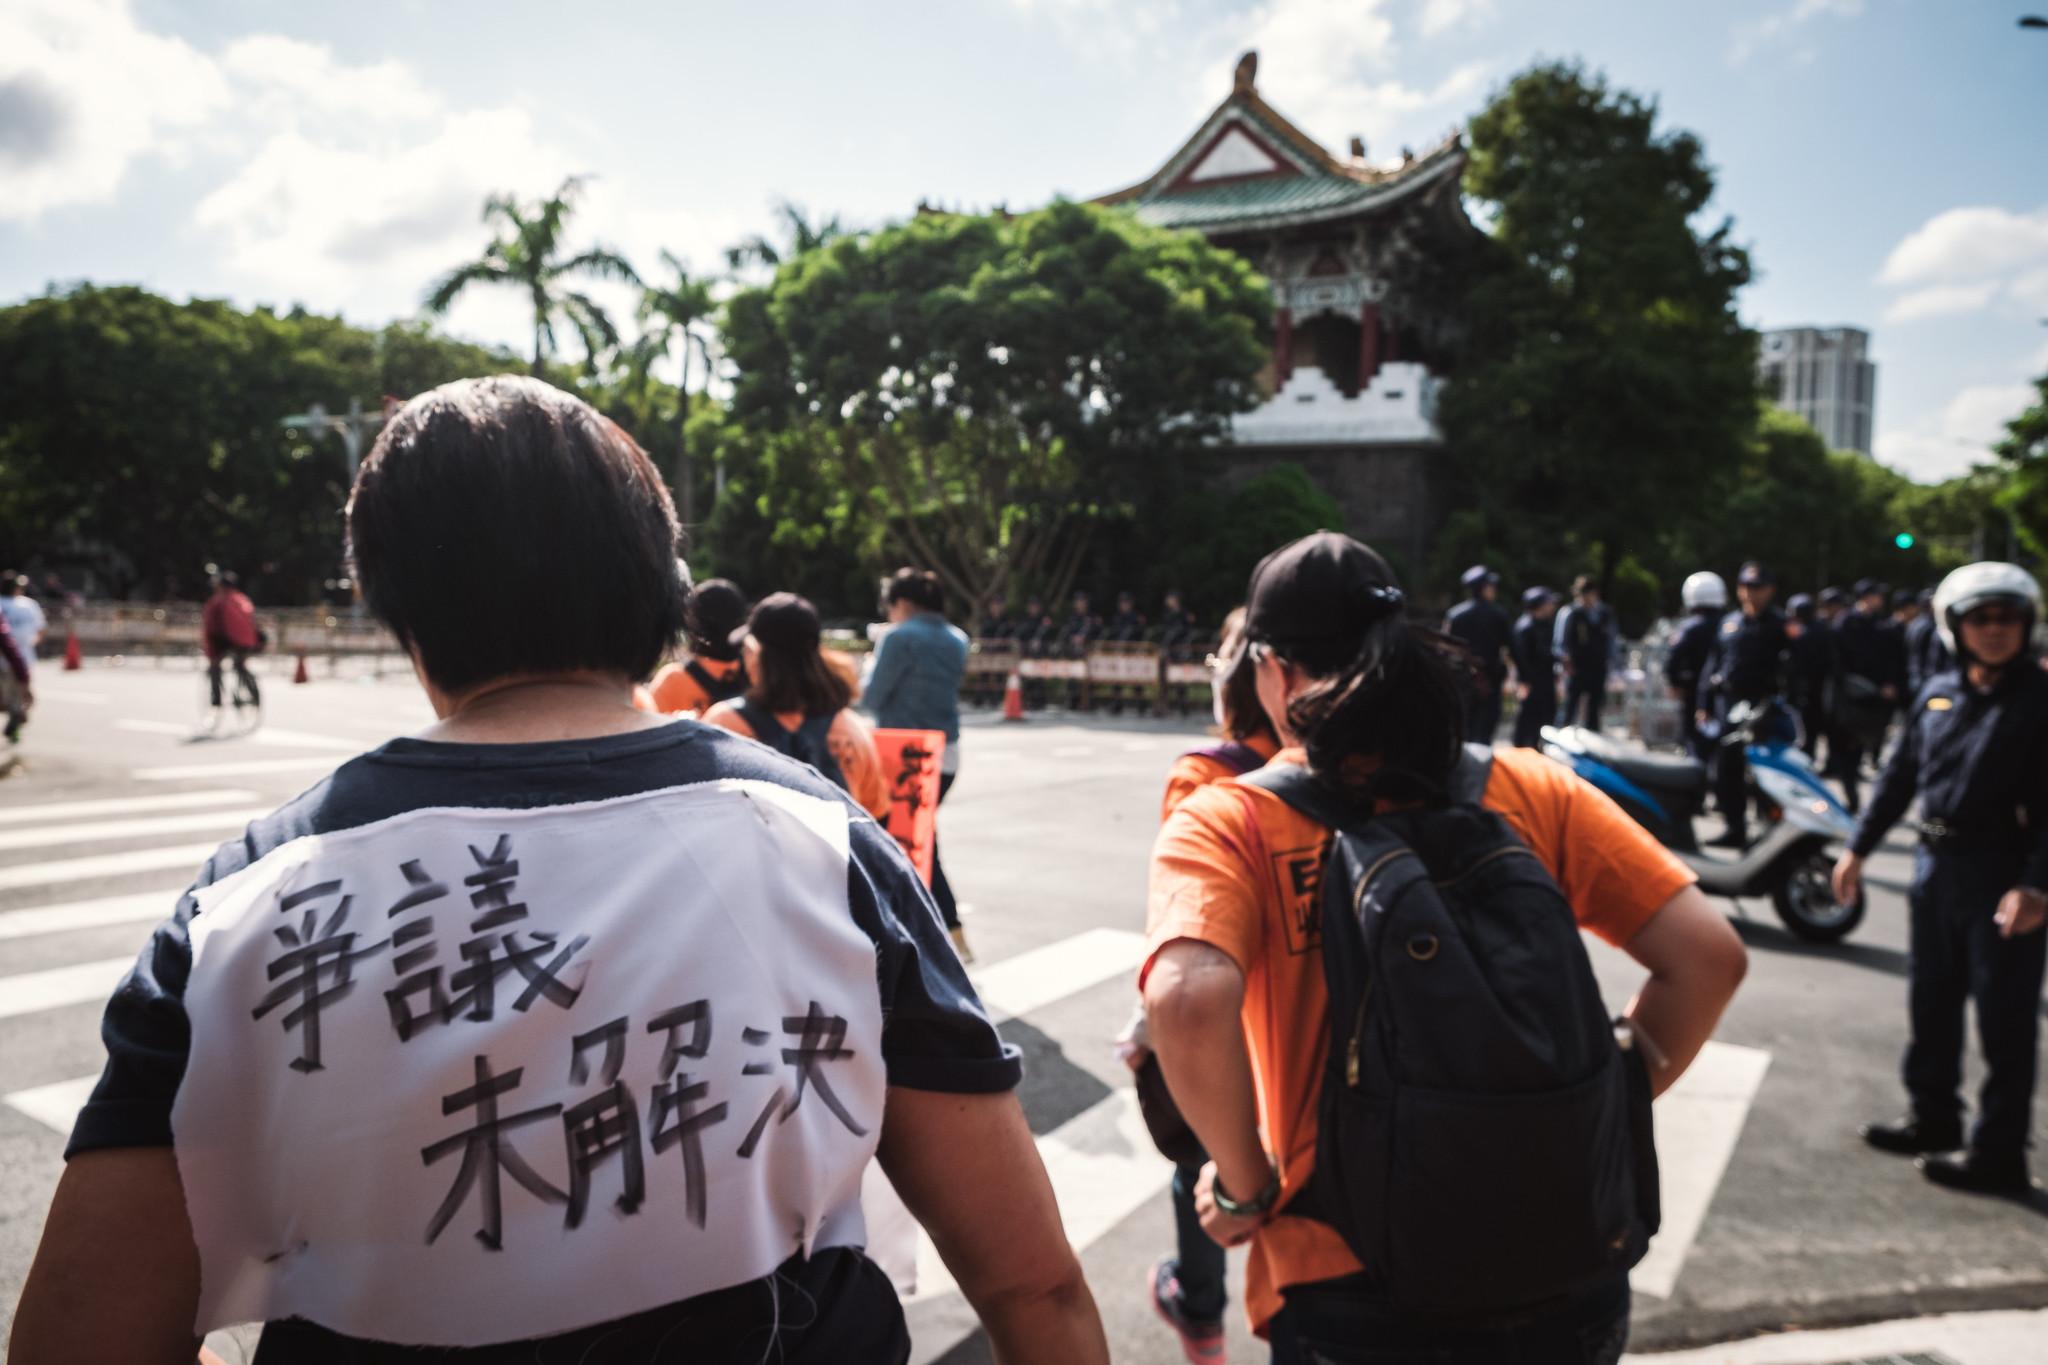 因收費員途經總統官邸,大量警力已部署於官邸周圍。(攝影:唐佐欣)